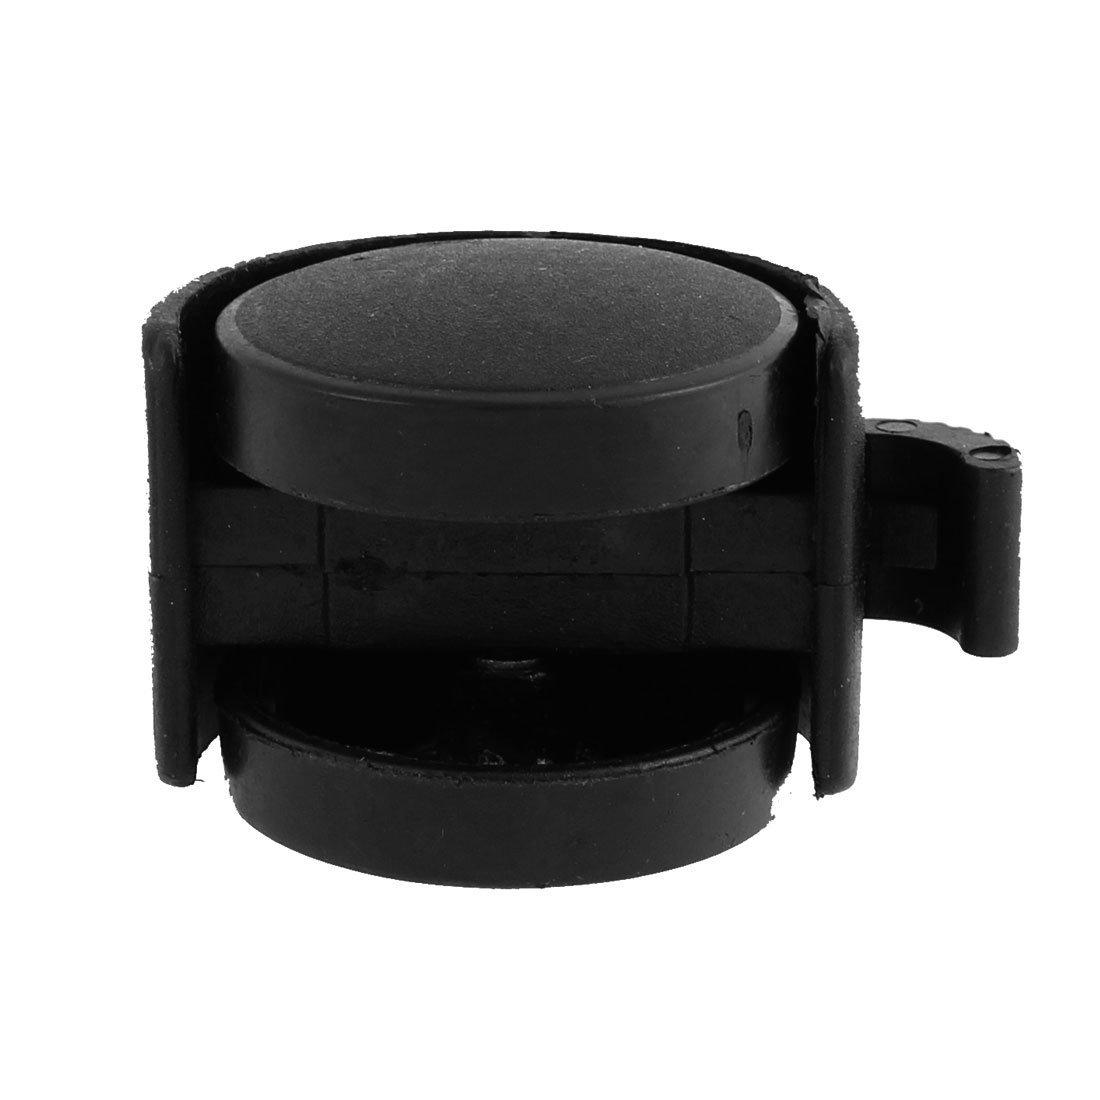 eDealMax 10mm rosca del vástago DE 1, 5 pulgadas de diámetro Freno Silla giratoria de ruedas 2 piezas: Amazon.com: Industrial & Scientific